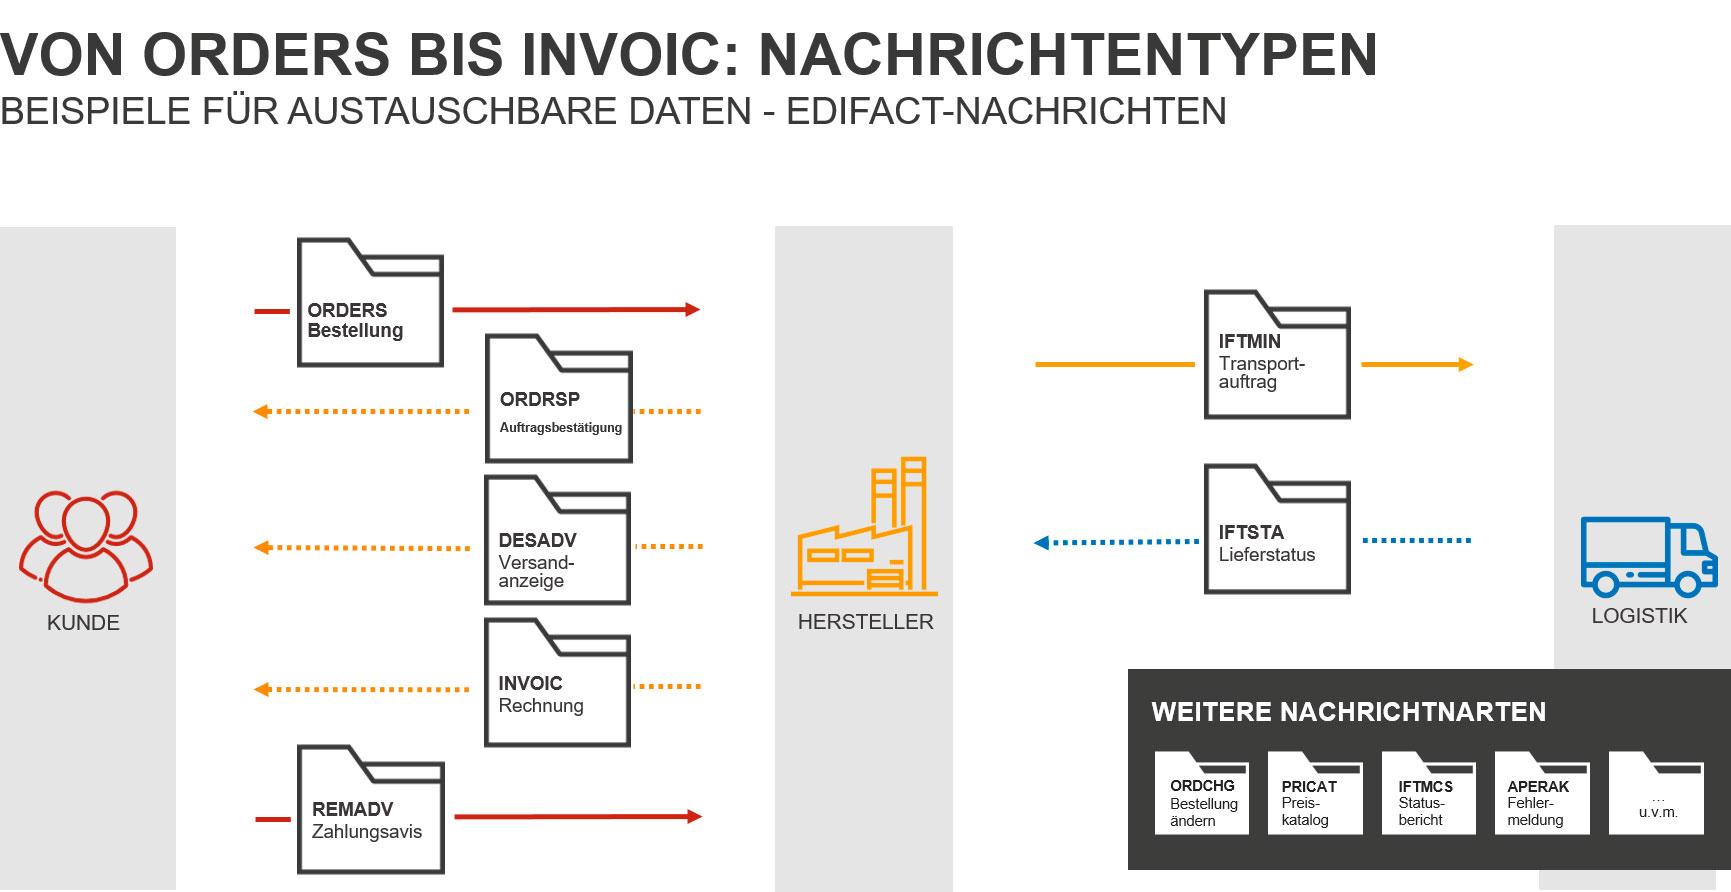 EDIFACT NAchrichtentypen von ORDERS bis INVOIC